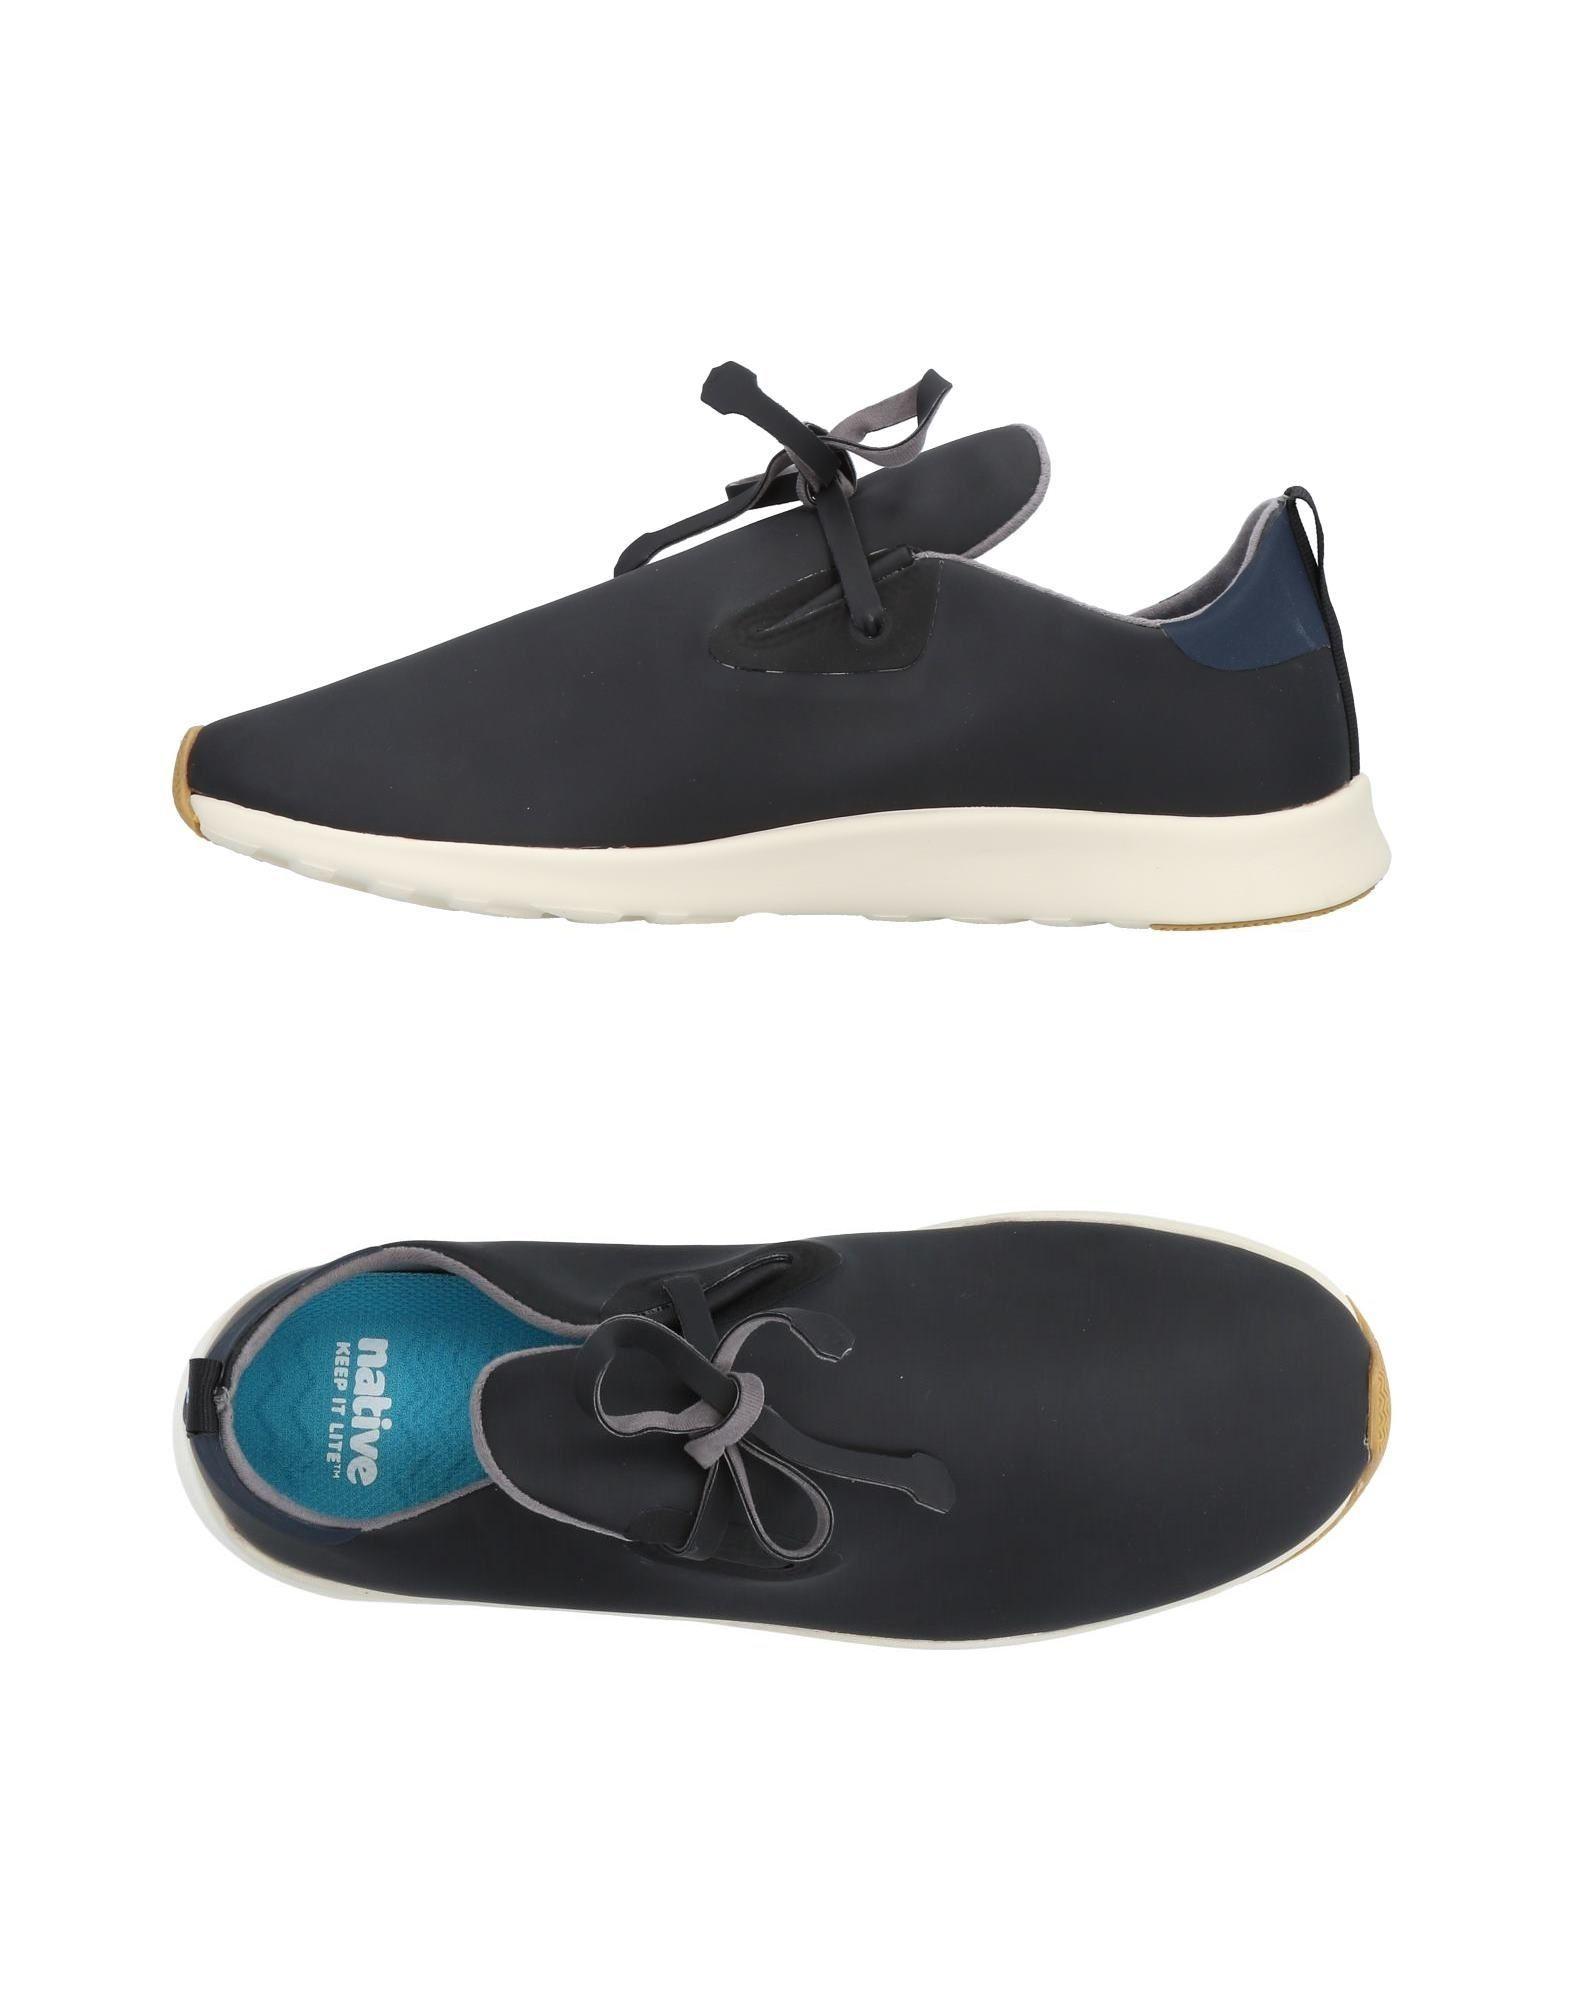 Moda Sneakers Native Uomo Uomo Native - 11473712KL 571c38